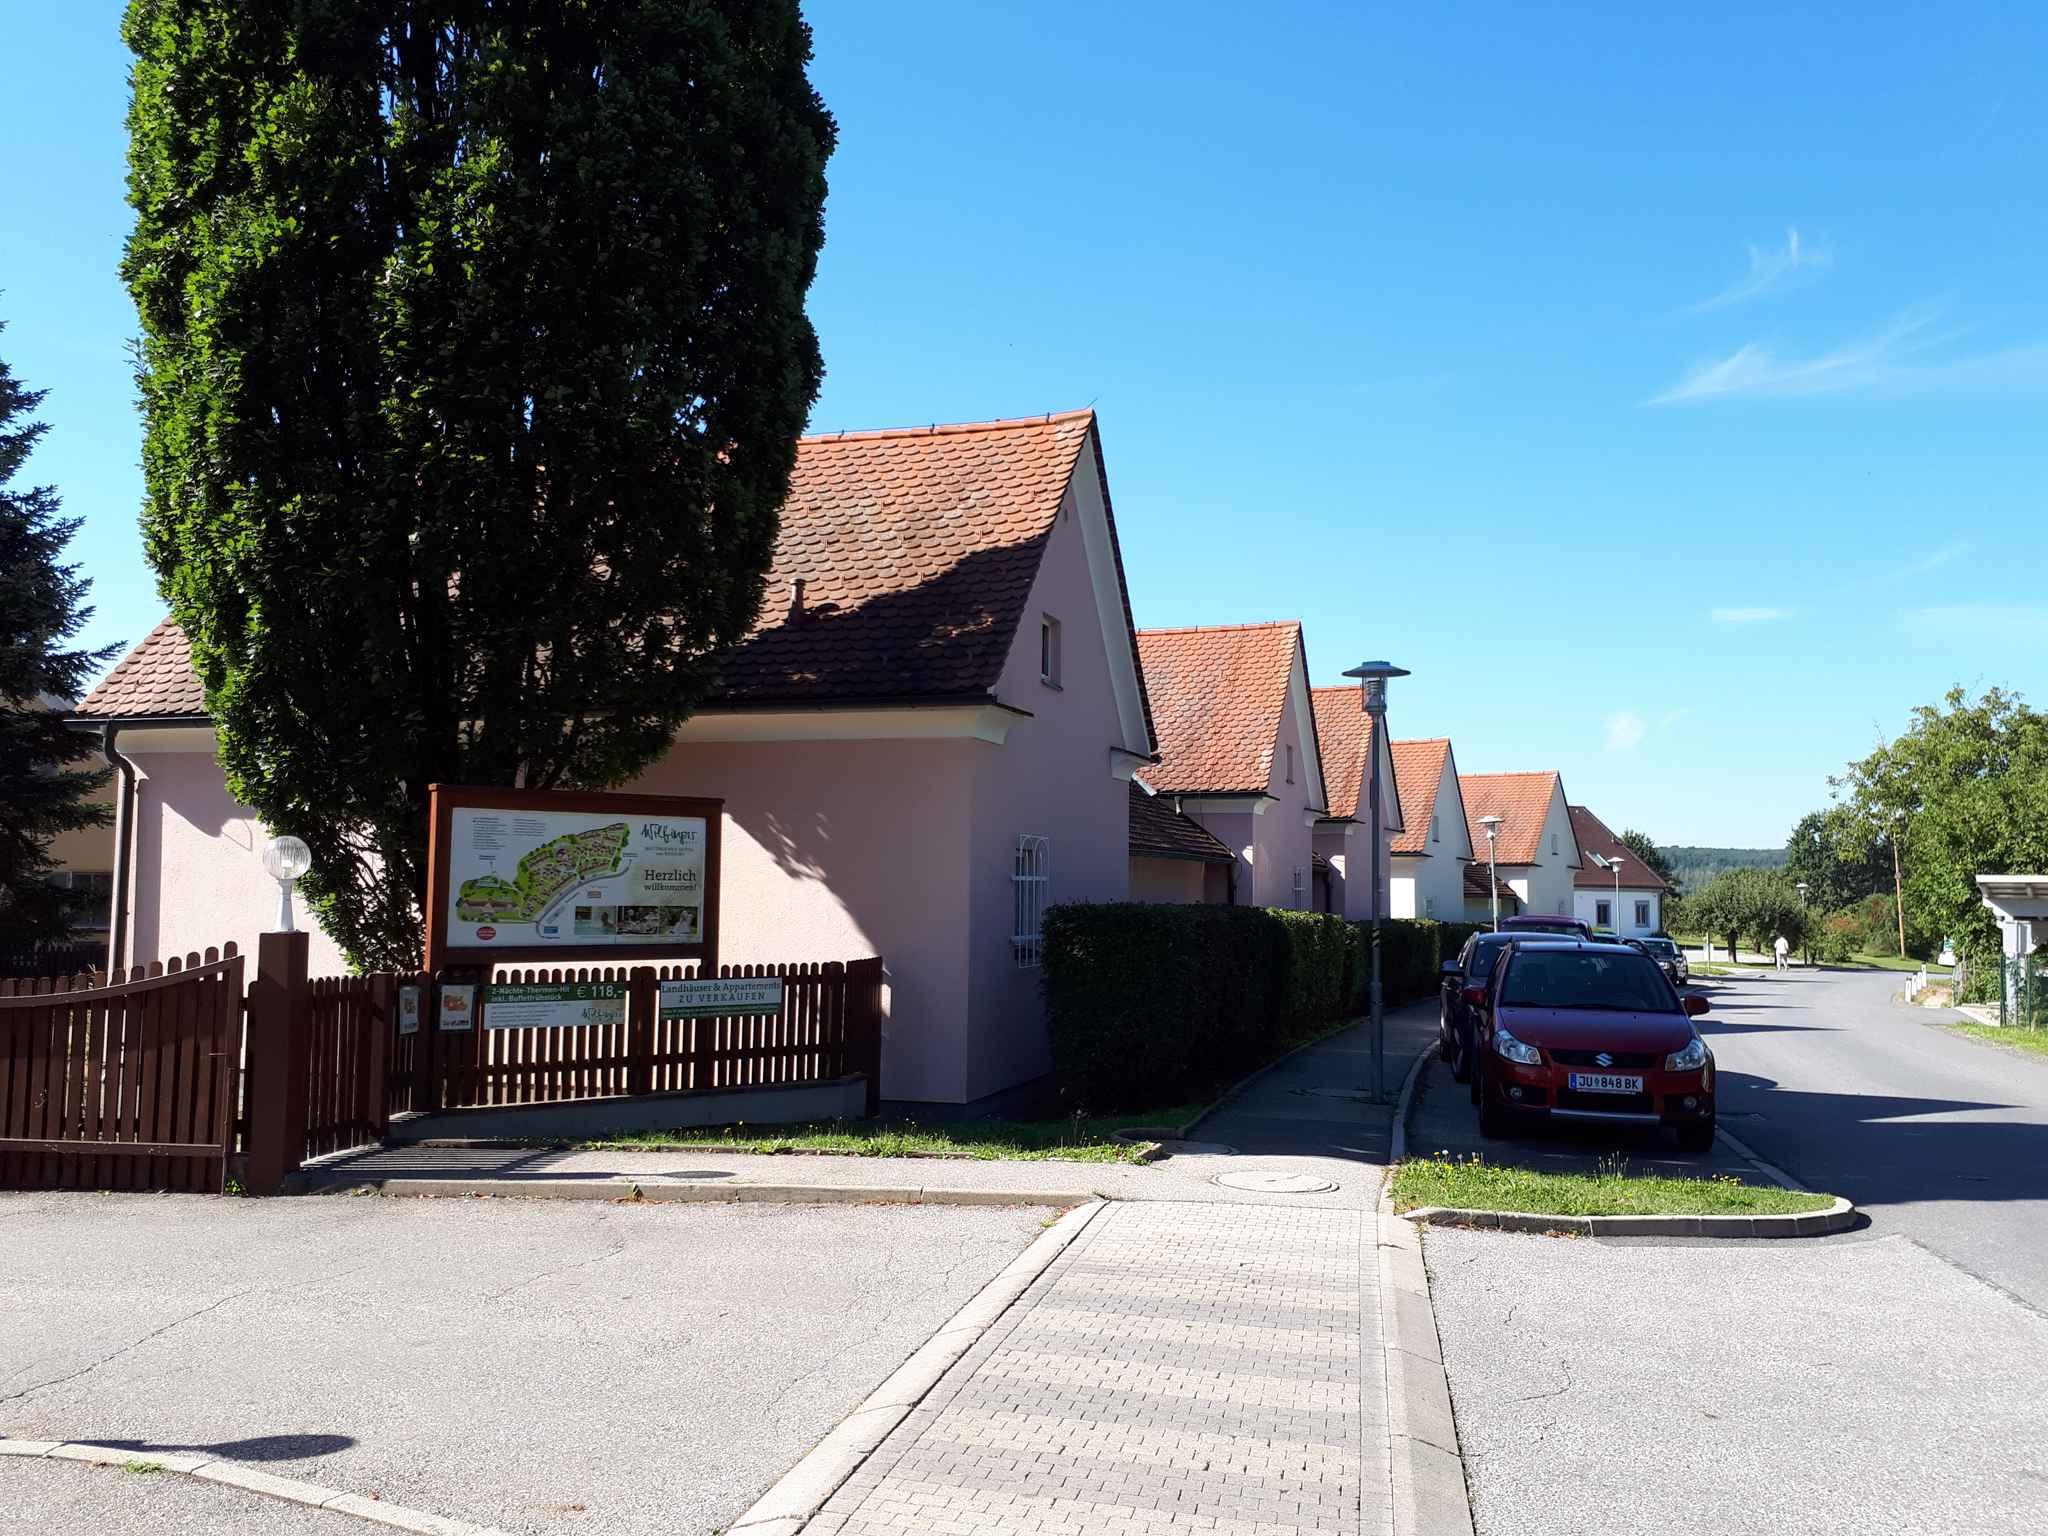 Ferienhaus im Thermal-Biodorf inkl. Wellness (430208), Bad Waltersdorf, Oststeiermark, Steiermark, Österreich, Bild 3